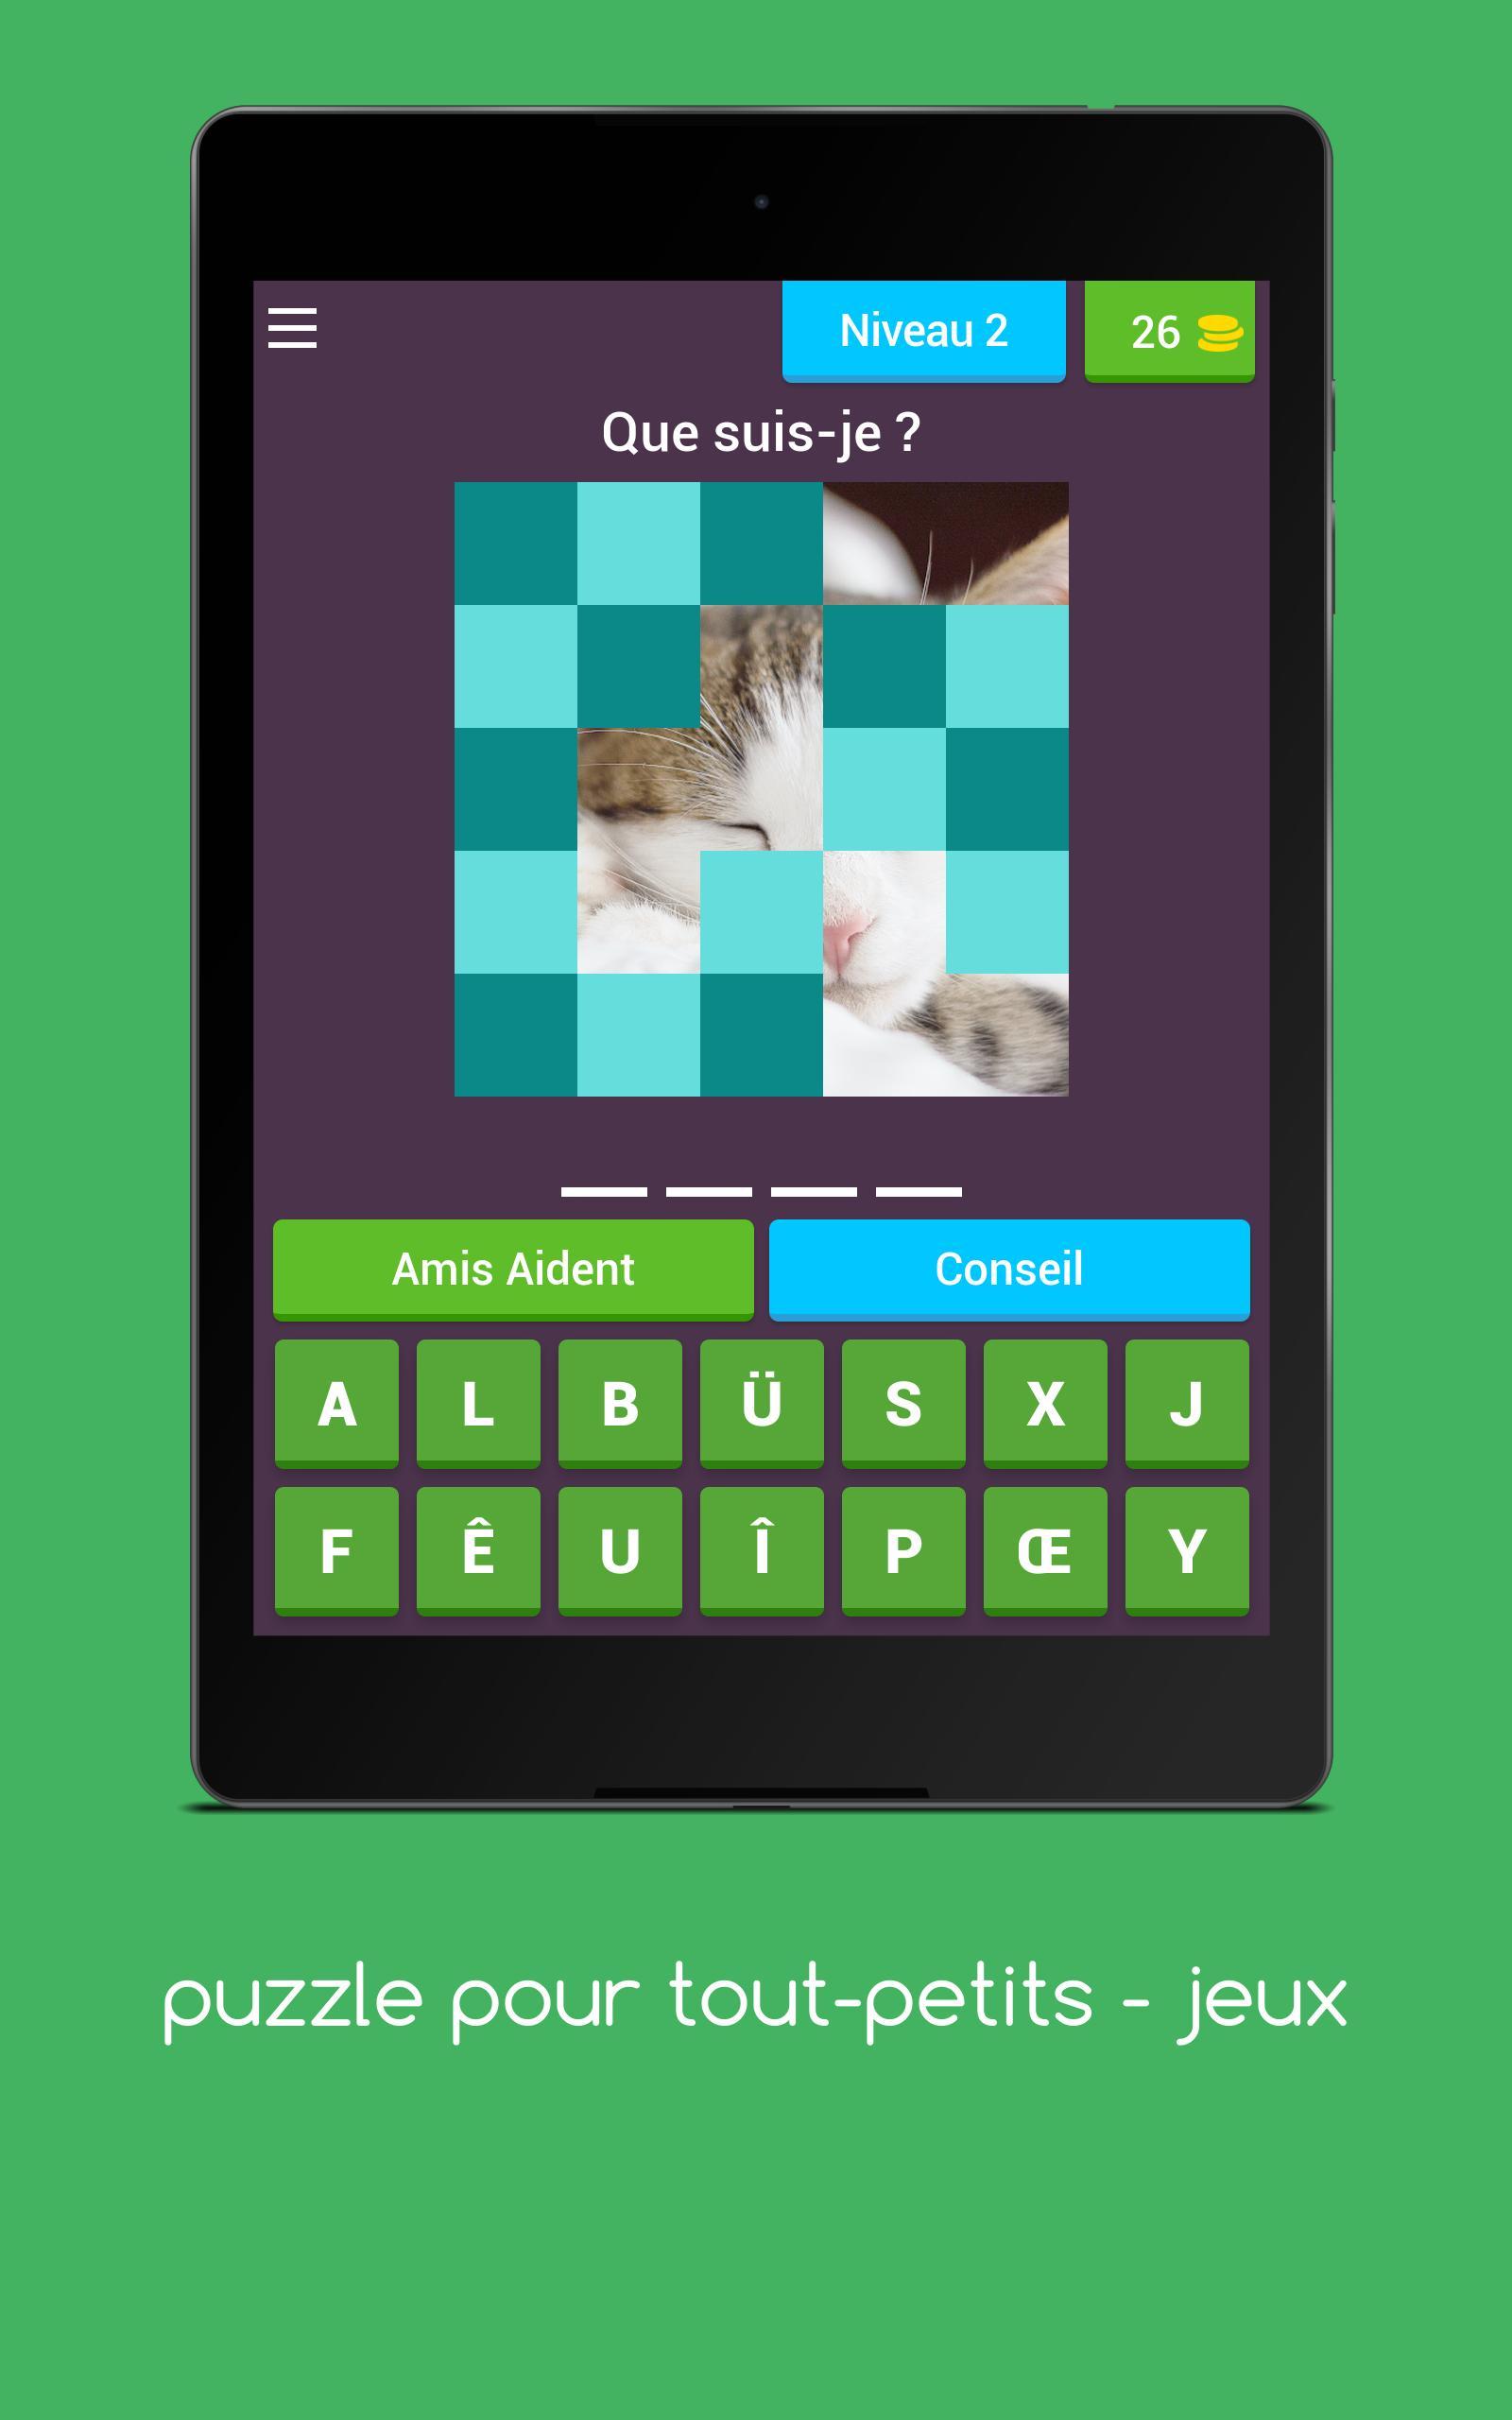 Photo Puzzle Gratuit - Jeux Puzzle Pour Enfants For Android destiné Puzzle Gratuit Enfant